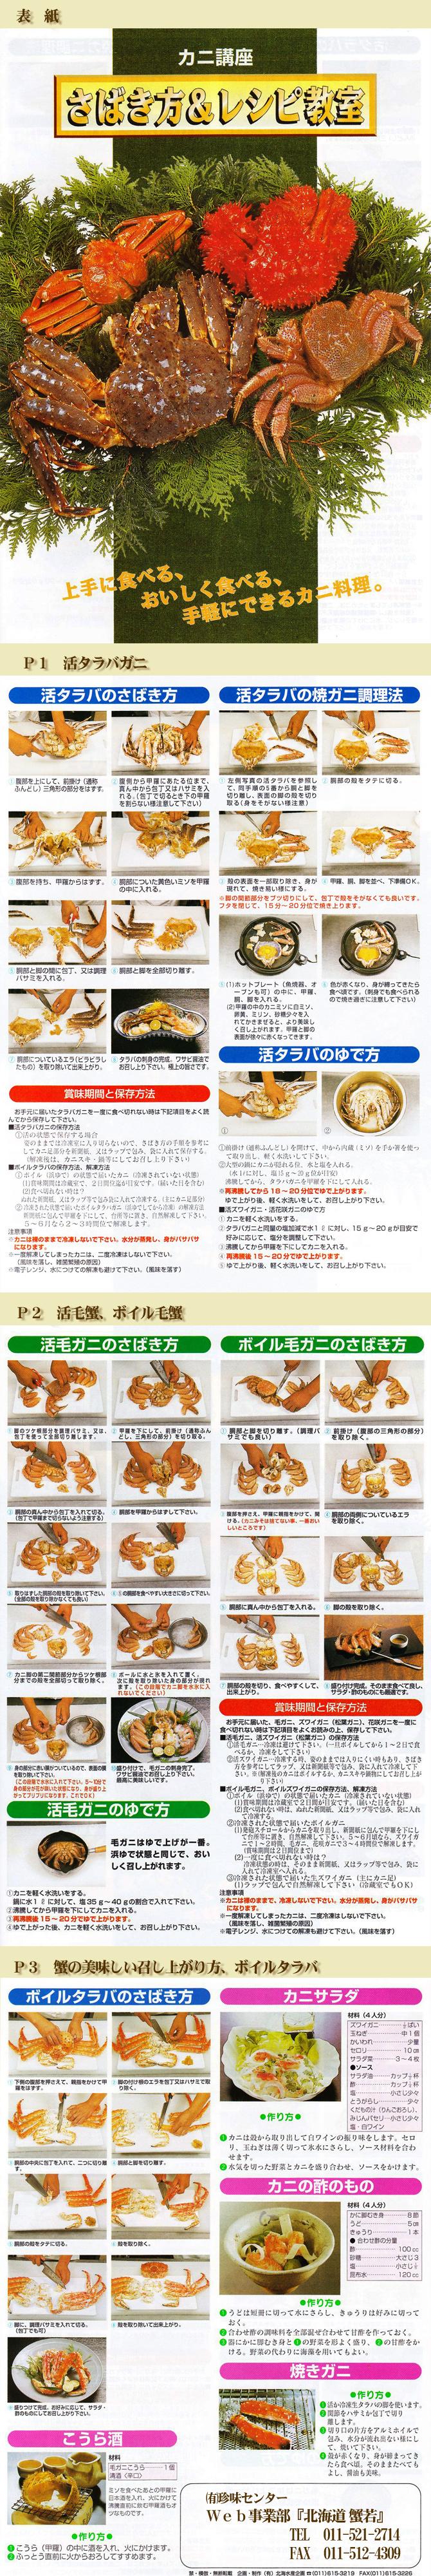 毛蟹、タラバ蟹の食べ方